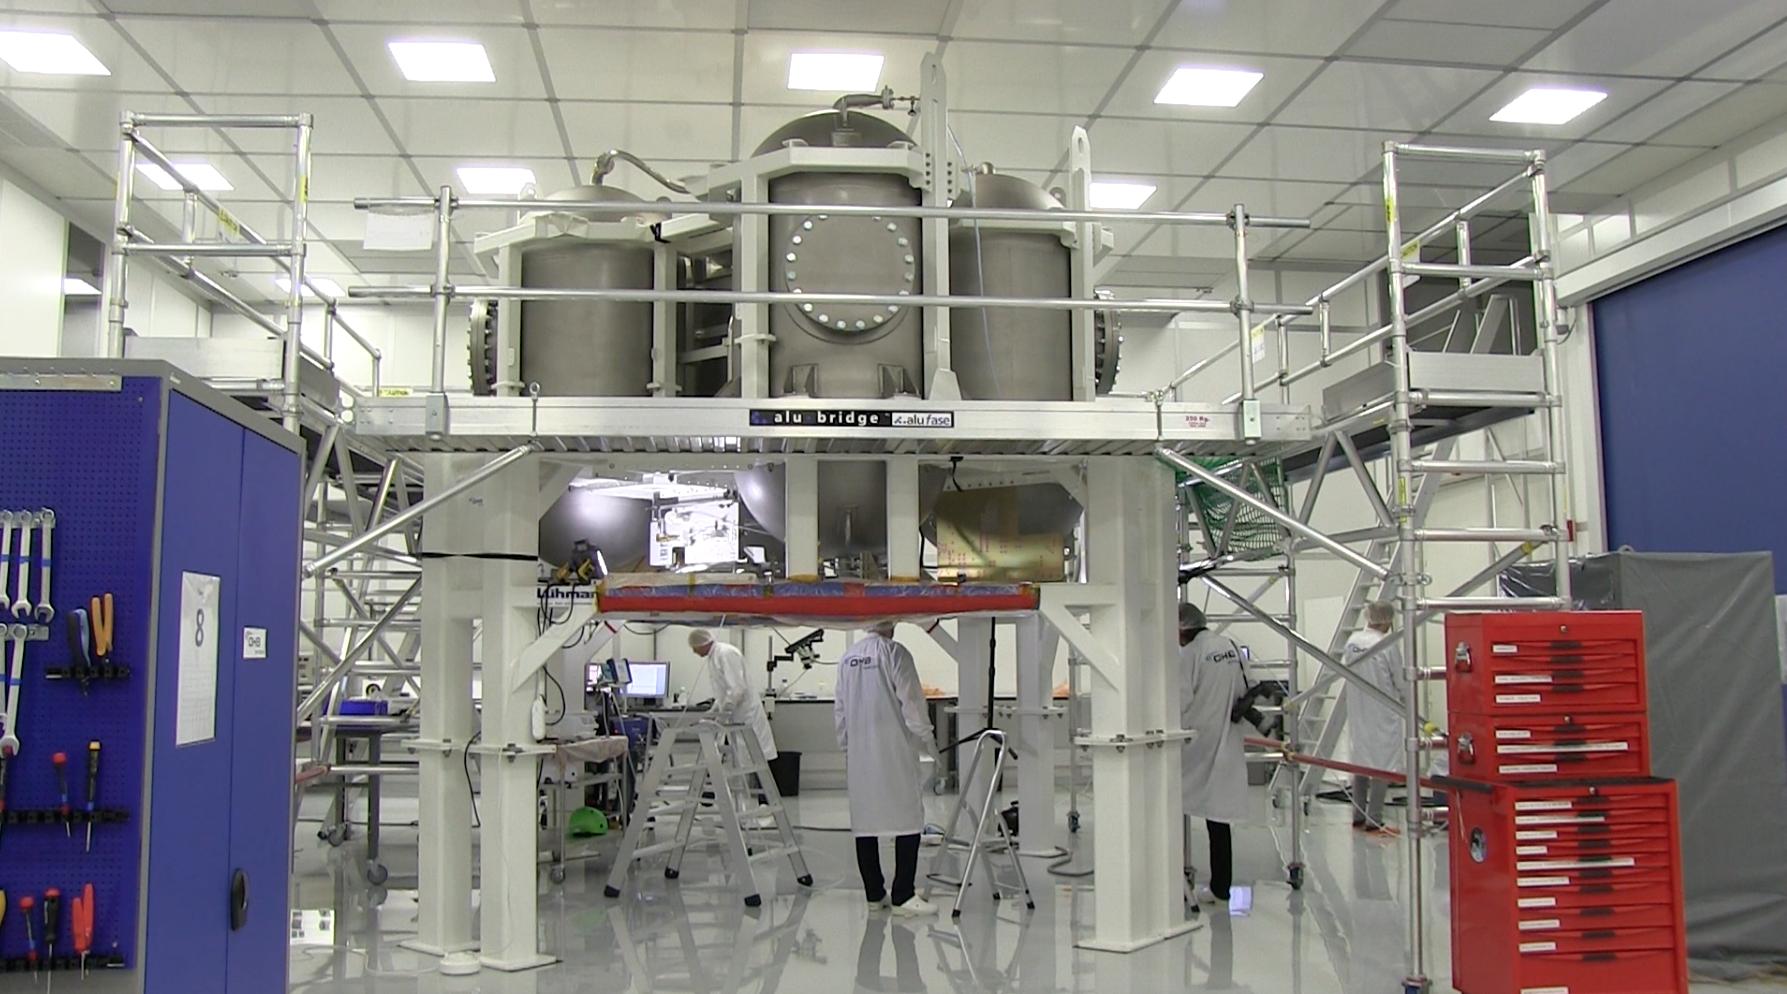 Modell av raketmotordelen till Nasa:s nästa rymdfarkost Orion.